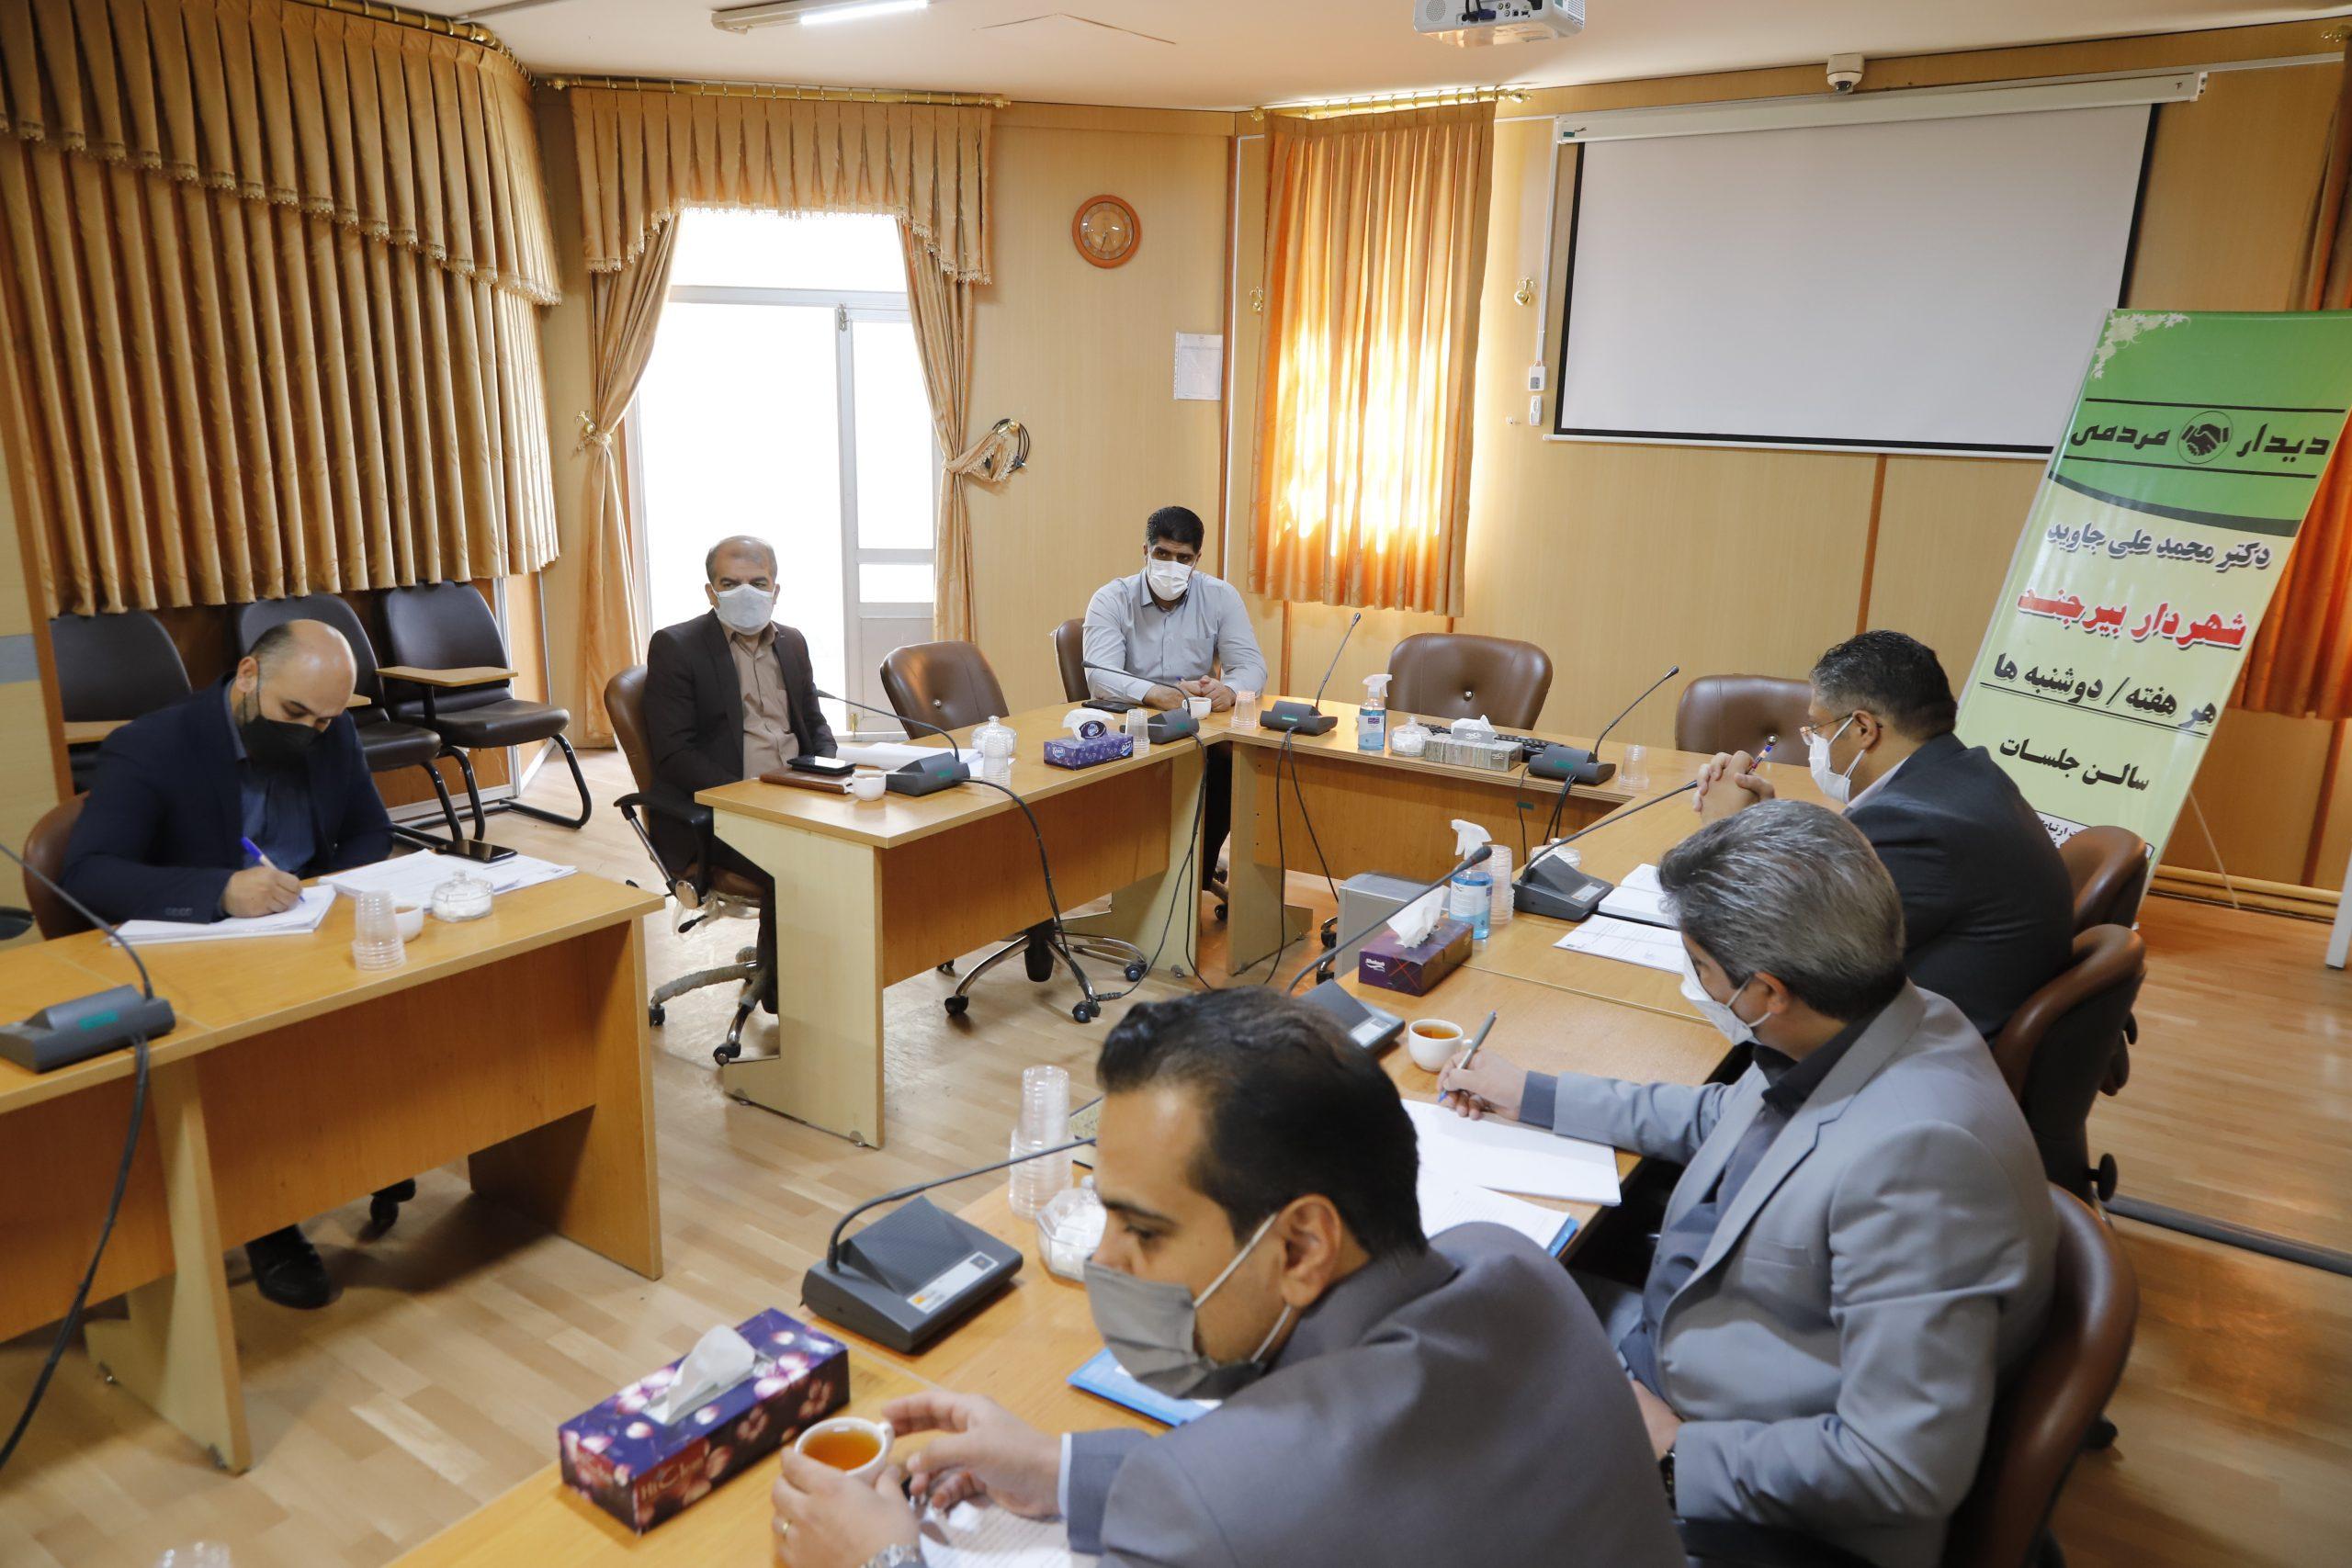 جلسه بررسی روند پیشرفت پروژه بوستان شهیداحمدی روشن مهرشهر